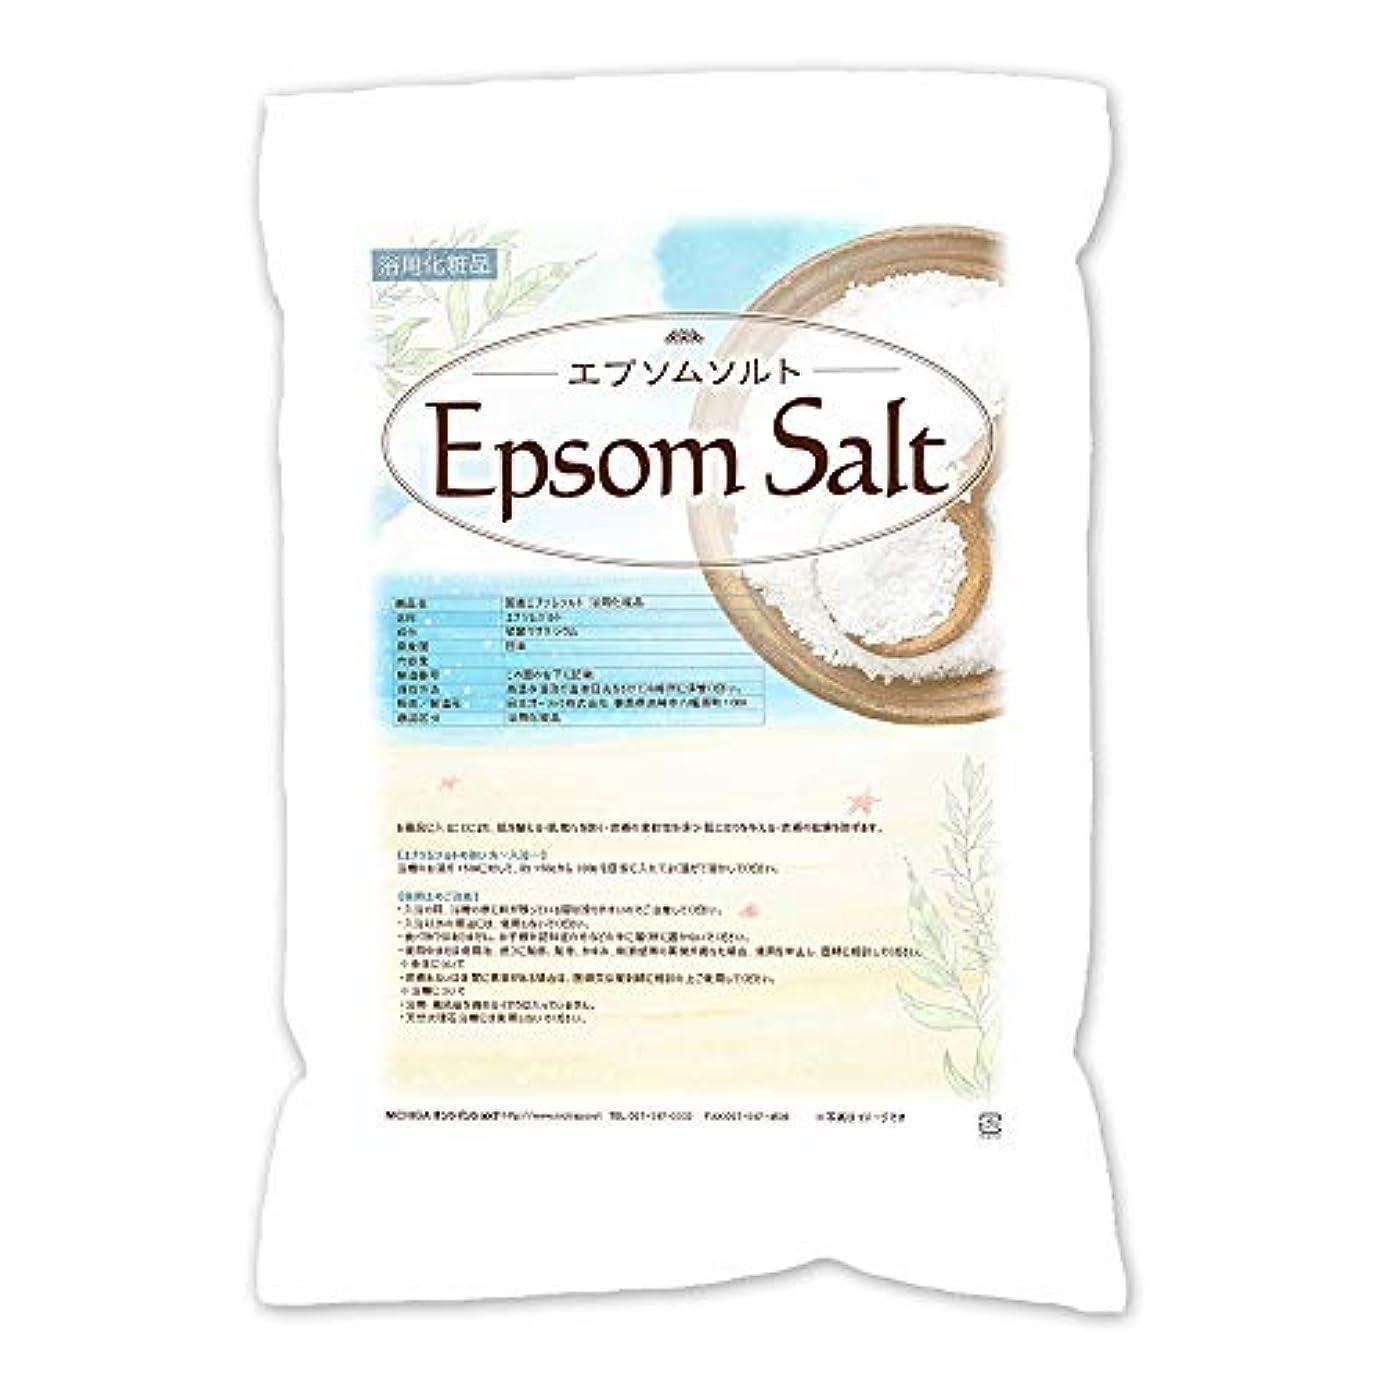 周囲ボウル無一文エプソムソルト 4.5kg(Epsom Salt)浴用化粧品 [02] 国産原料 NICHIGA(ニチガ)